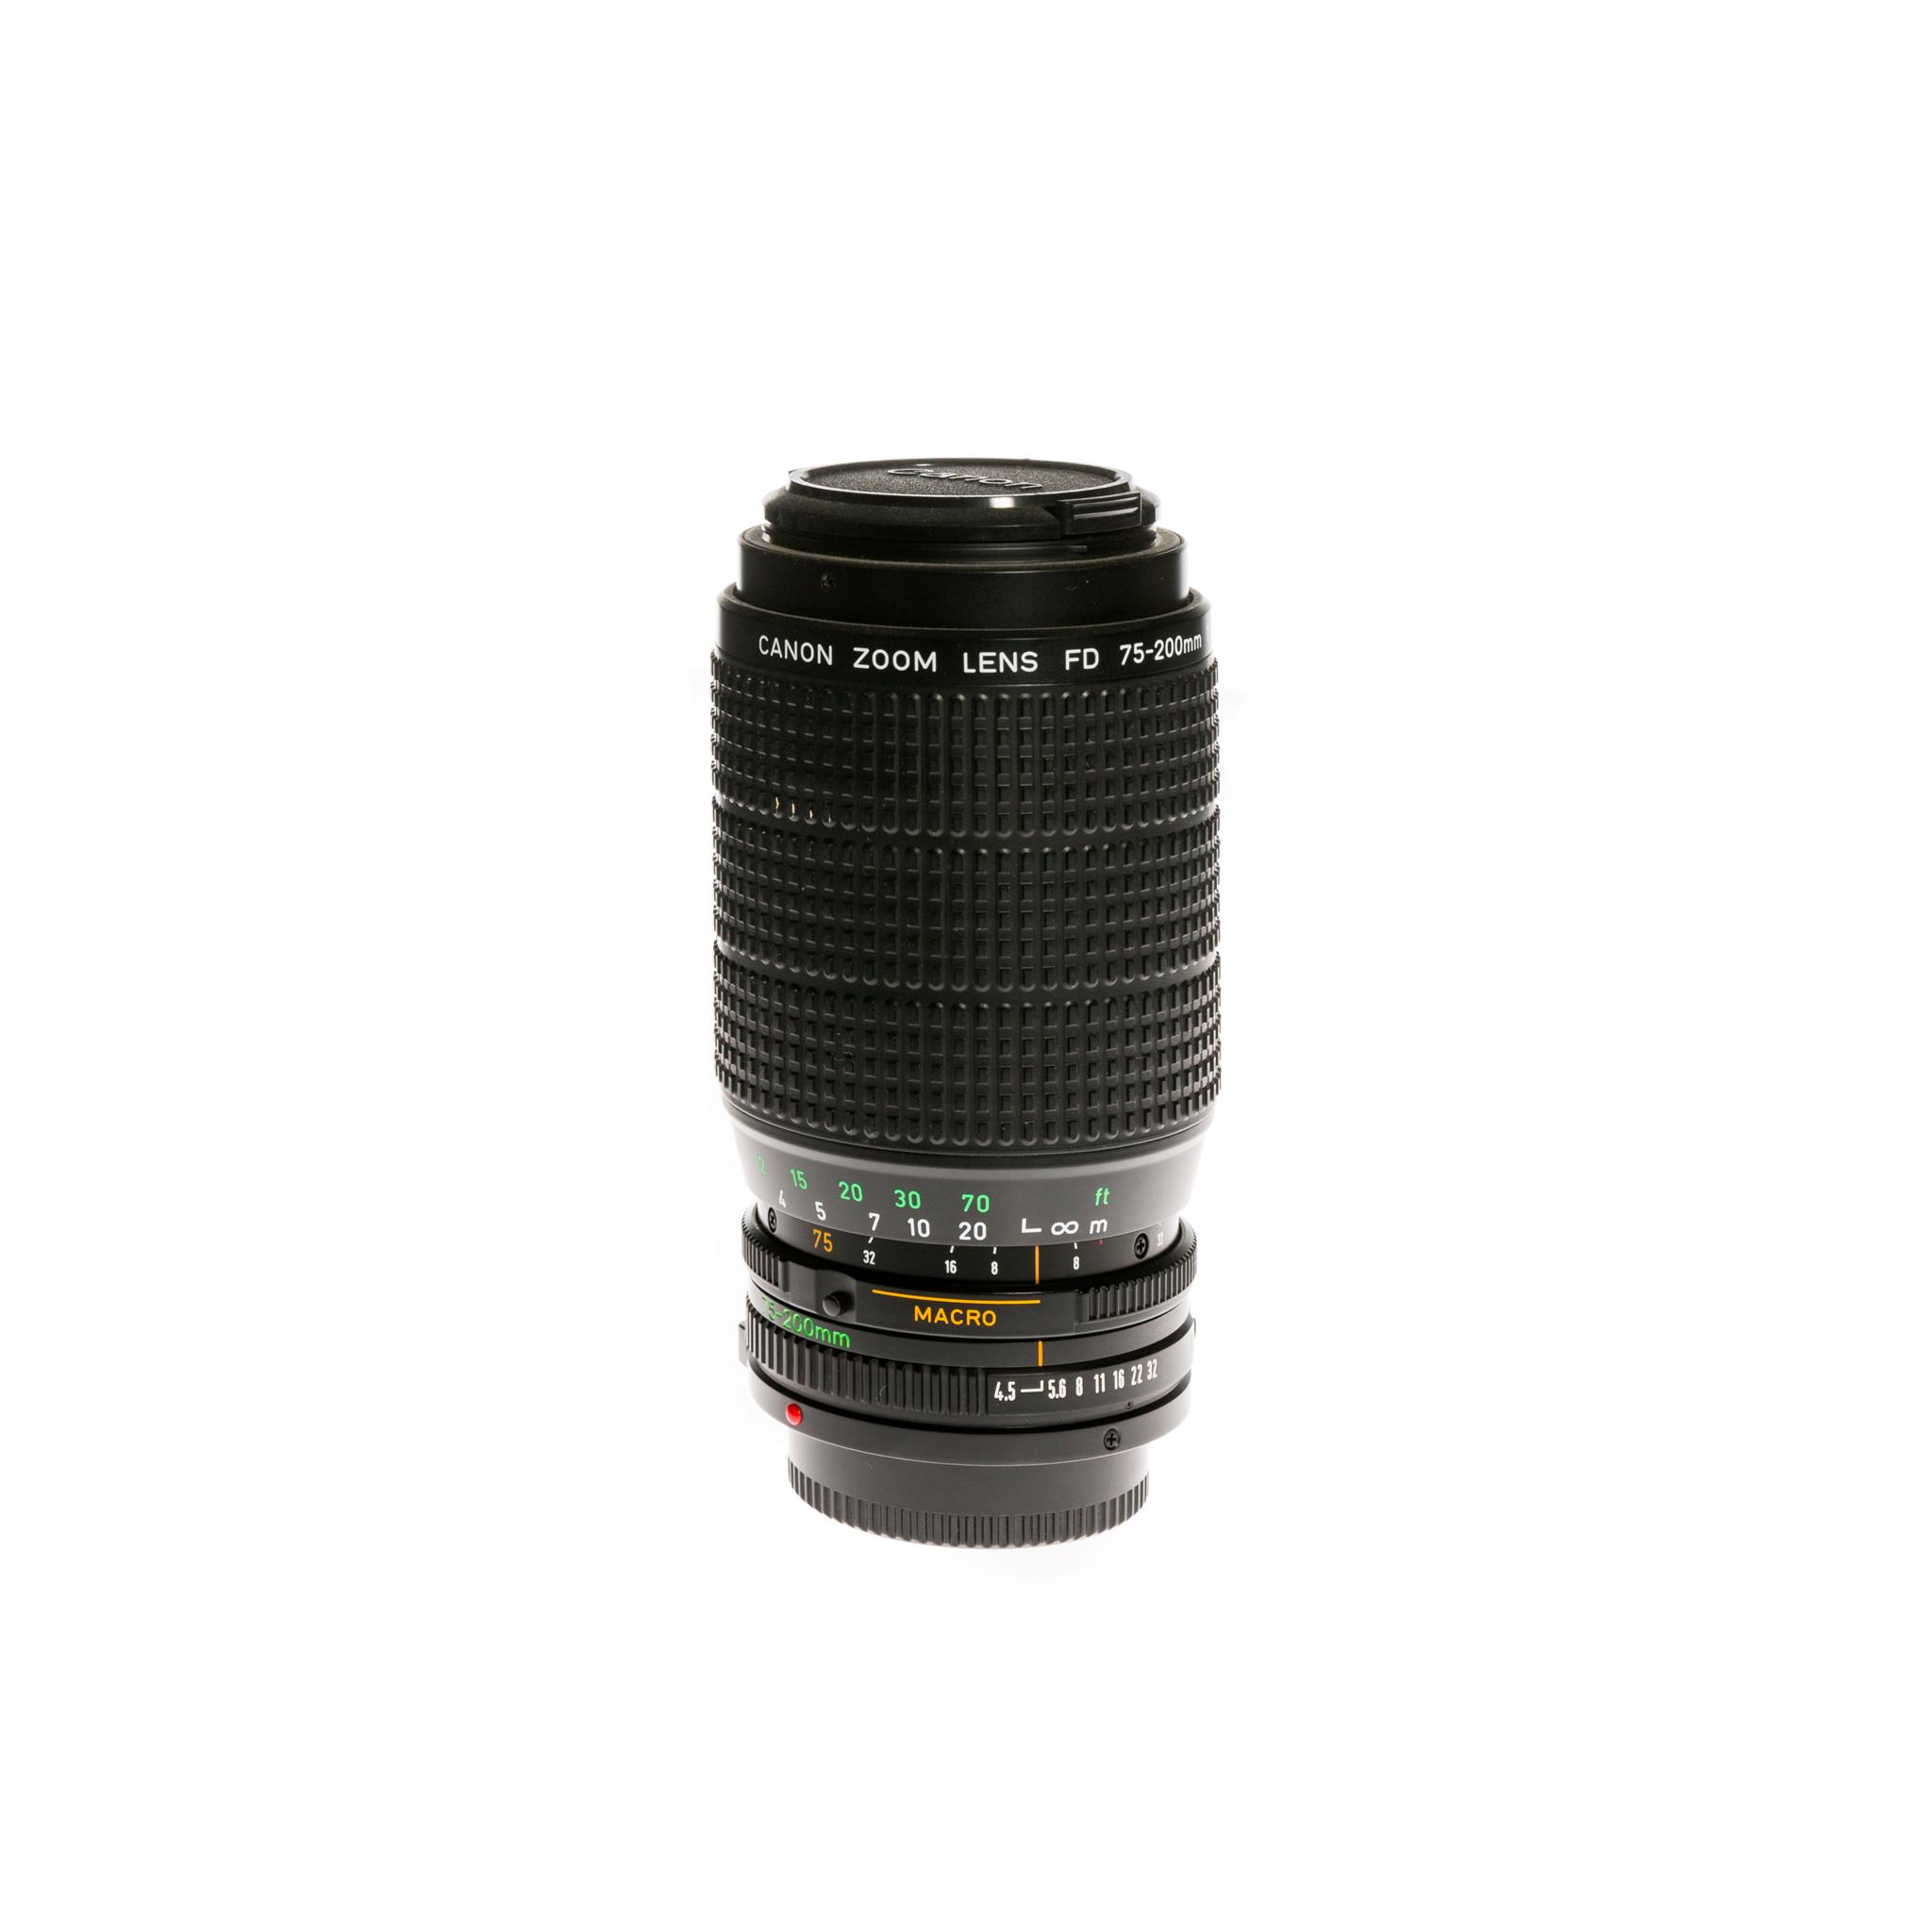 Canon FD 75-200 mm f/4.5 (1985)